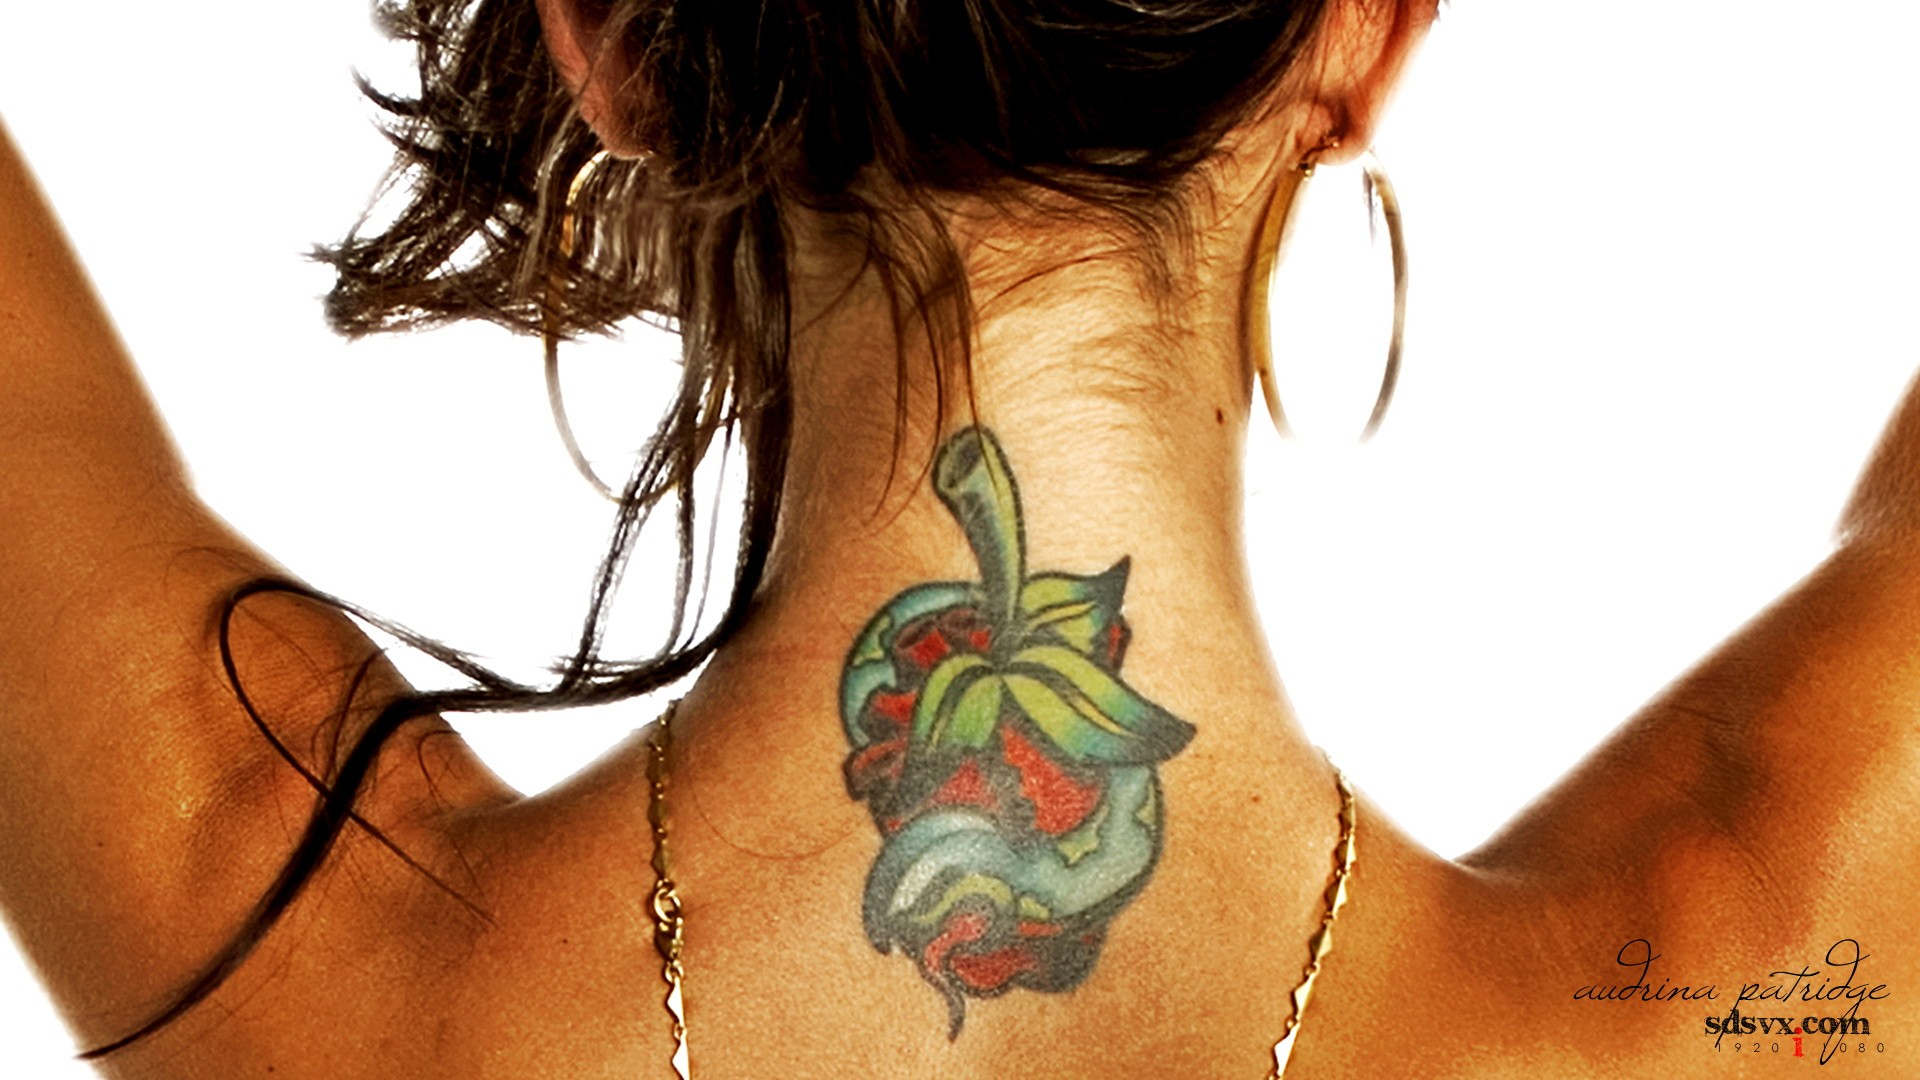 Tatuaje en el cuello - 1920x1080